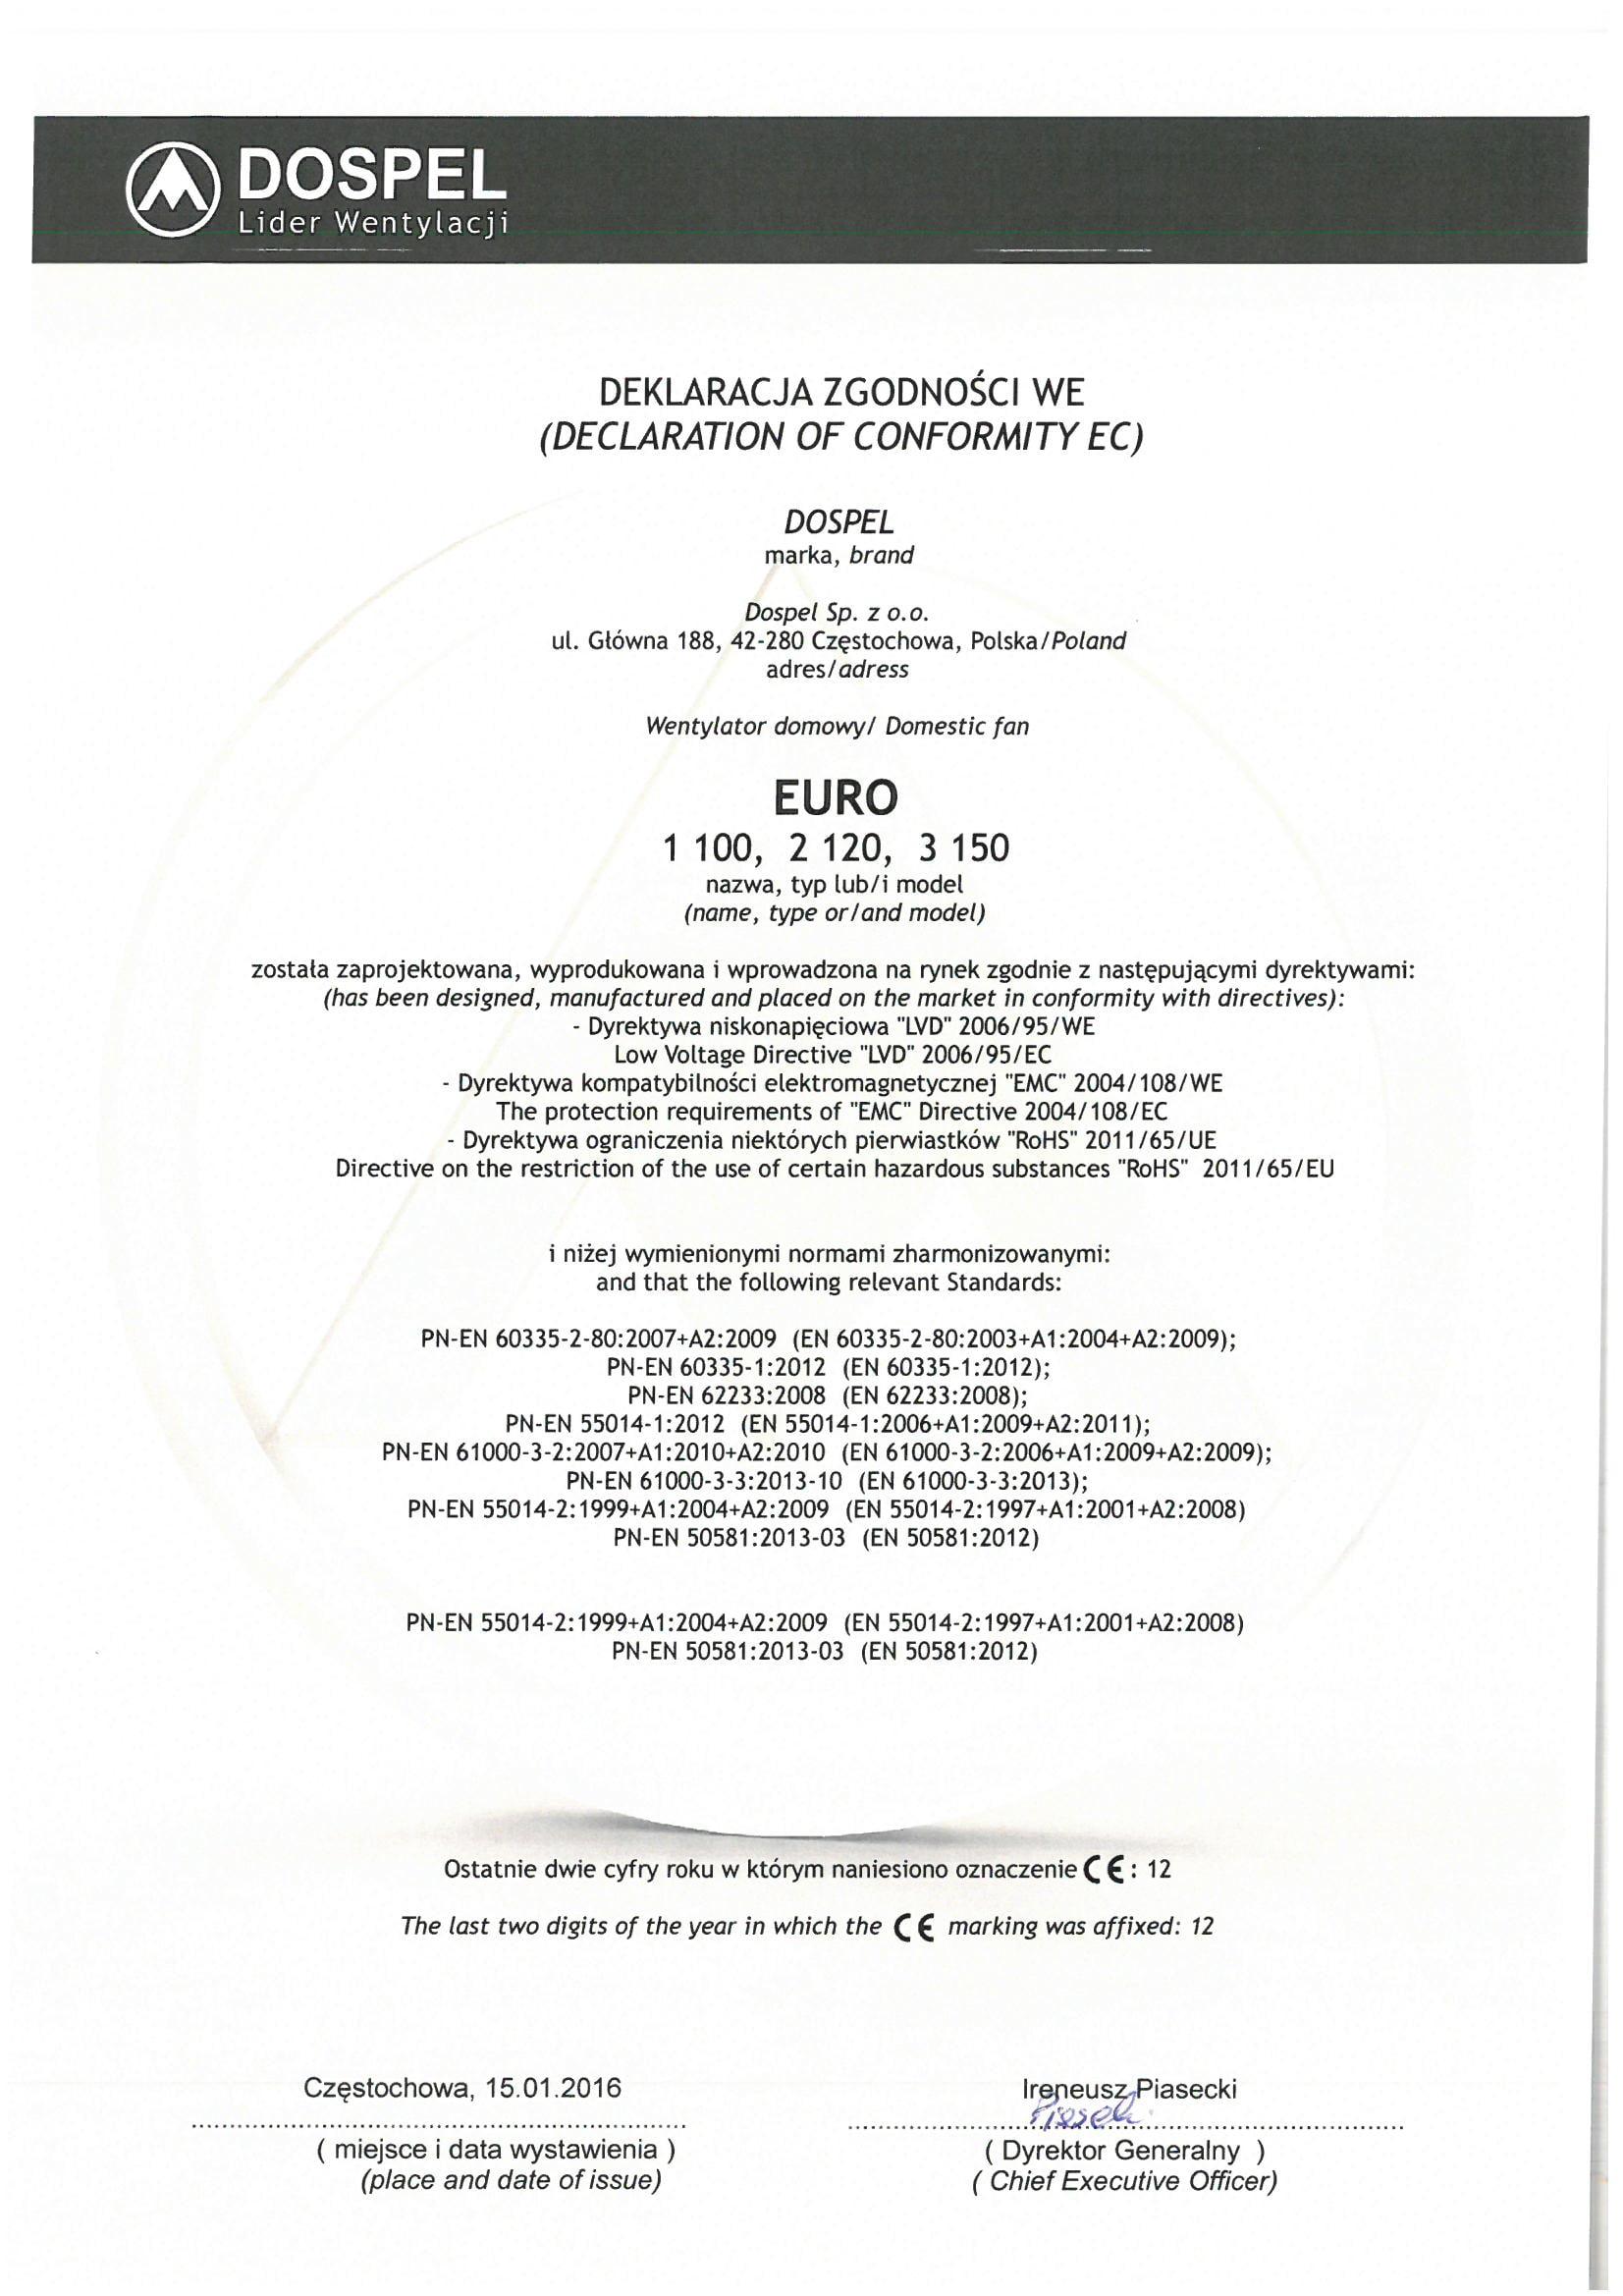 Wentylator domowy, EURO 1, 2, 3, certyfikat, deklaracja zgodności, producent wentylatorów, Dospel